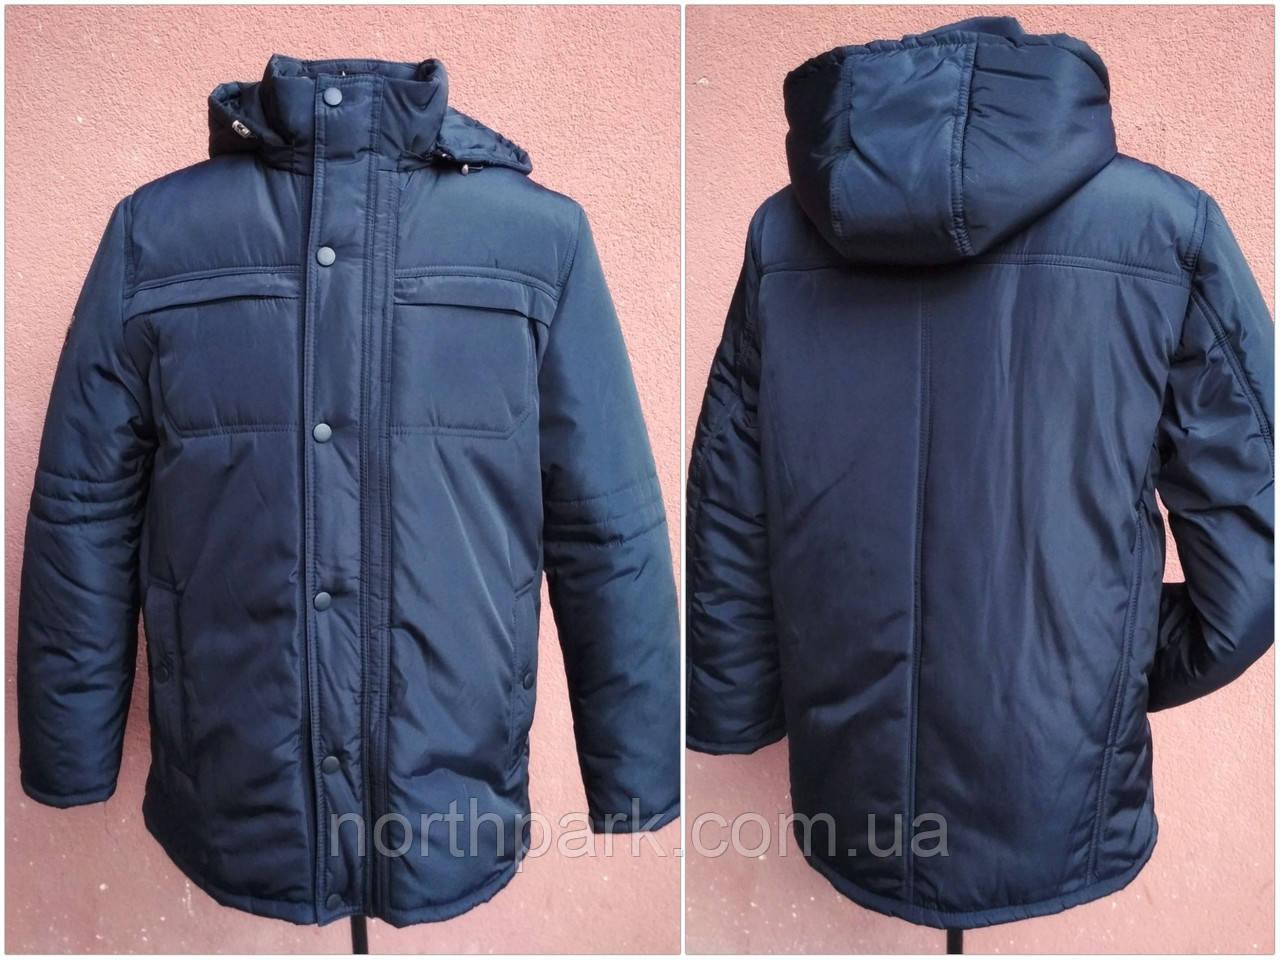 Мужская зимняя куртка классическая, большие размеры